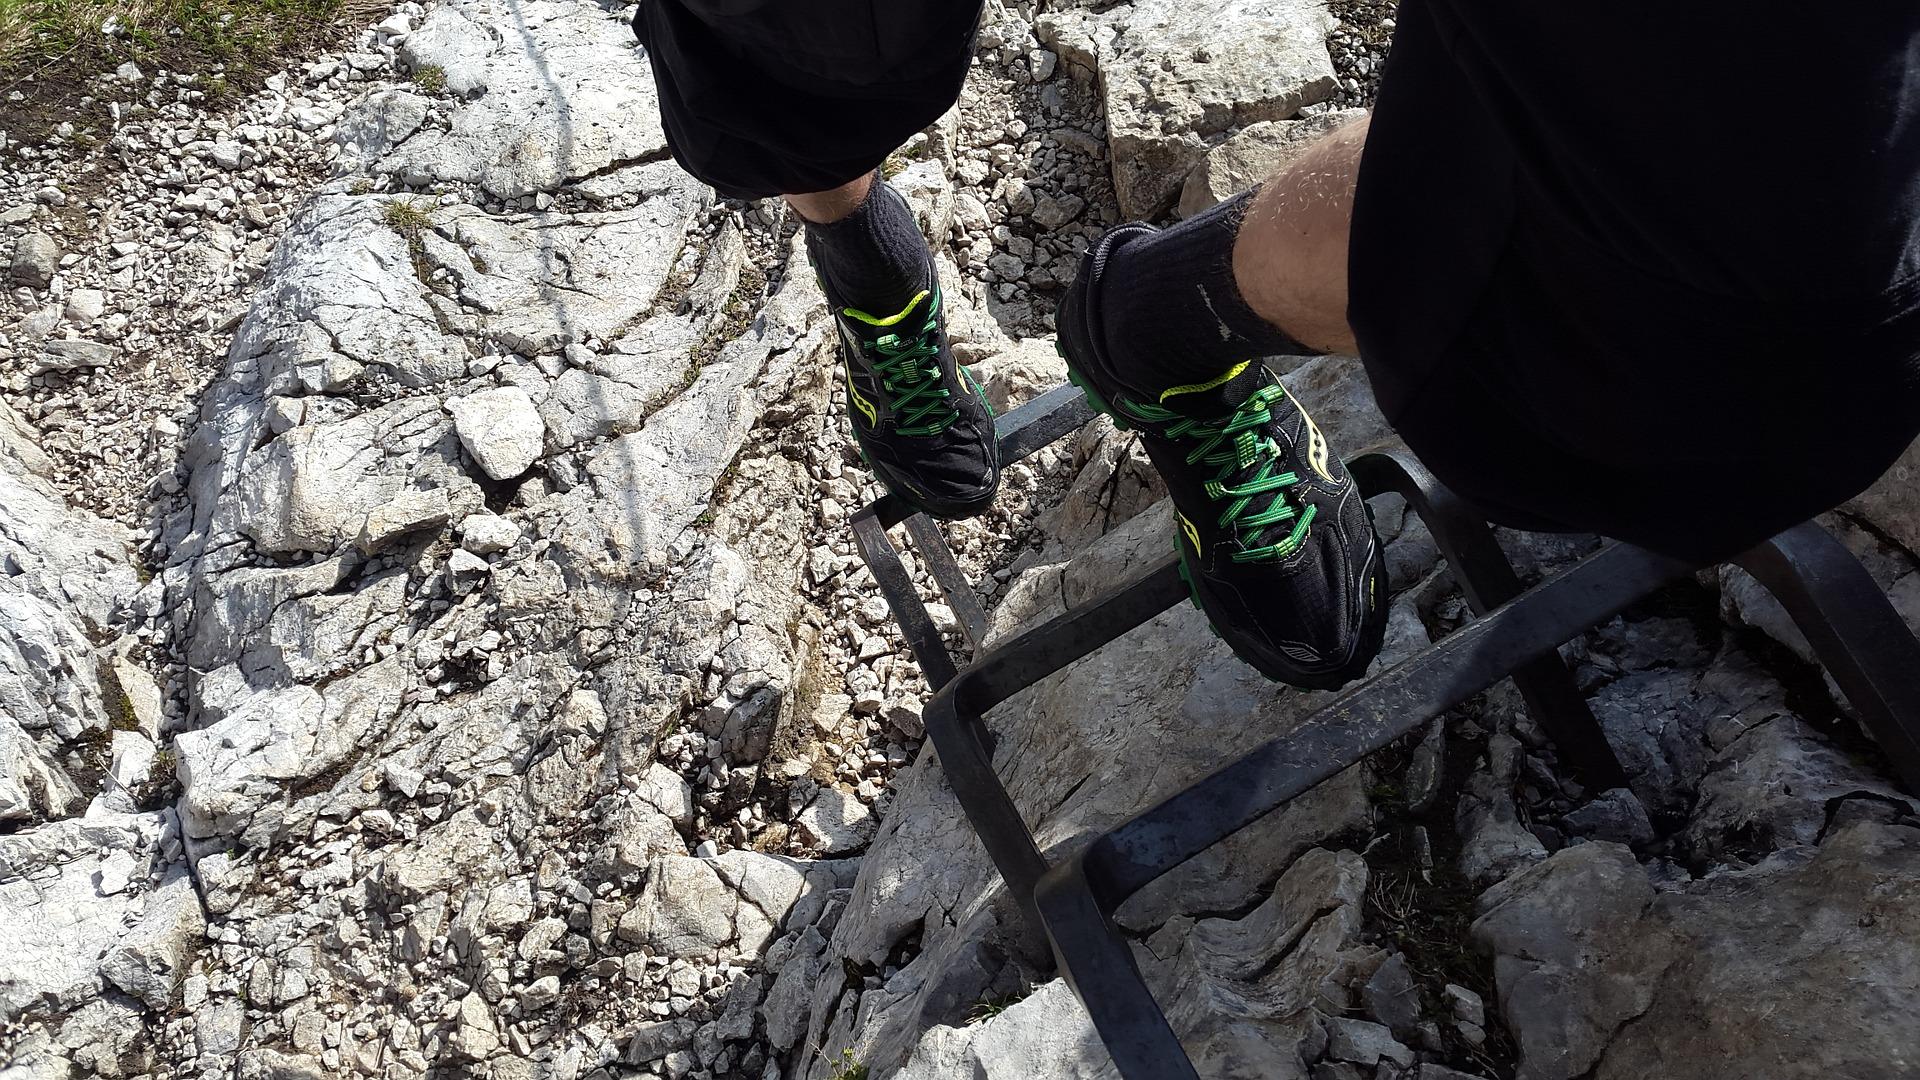 Klettersteig Zauchensee : Via ferrata on ice st anton arlberg rendl klettersteig